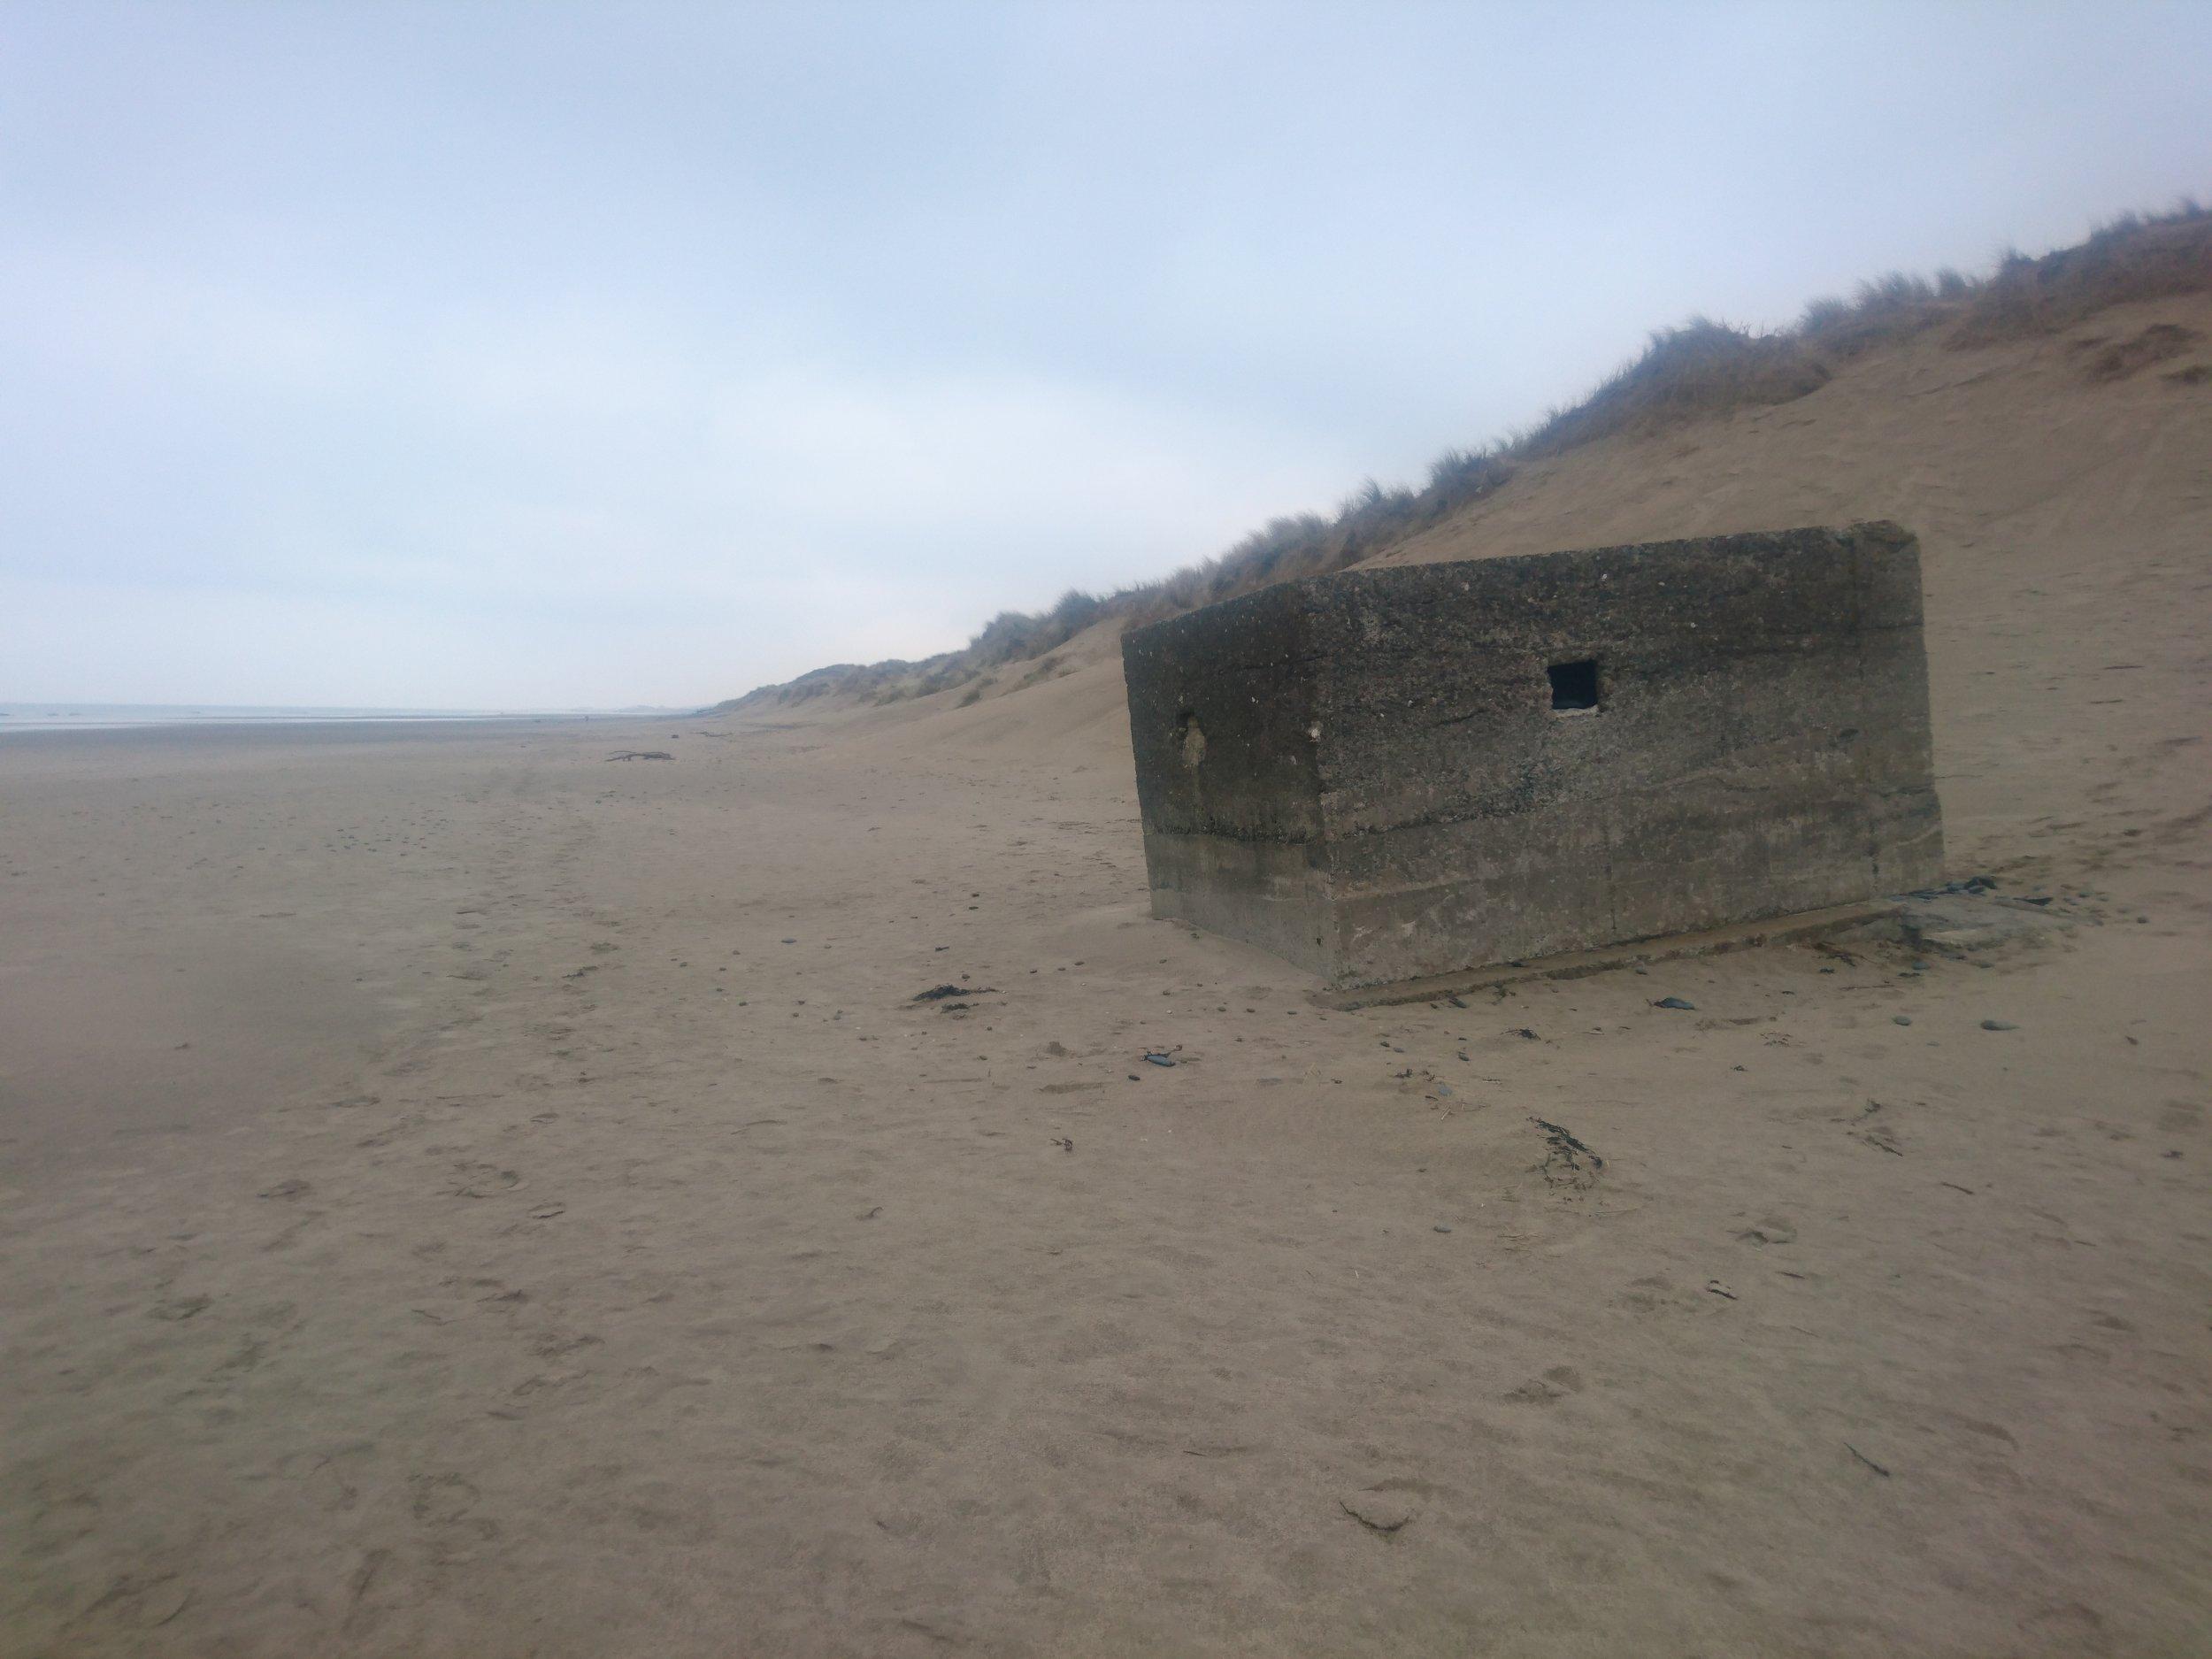 Pillbox on Sands